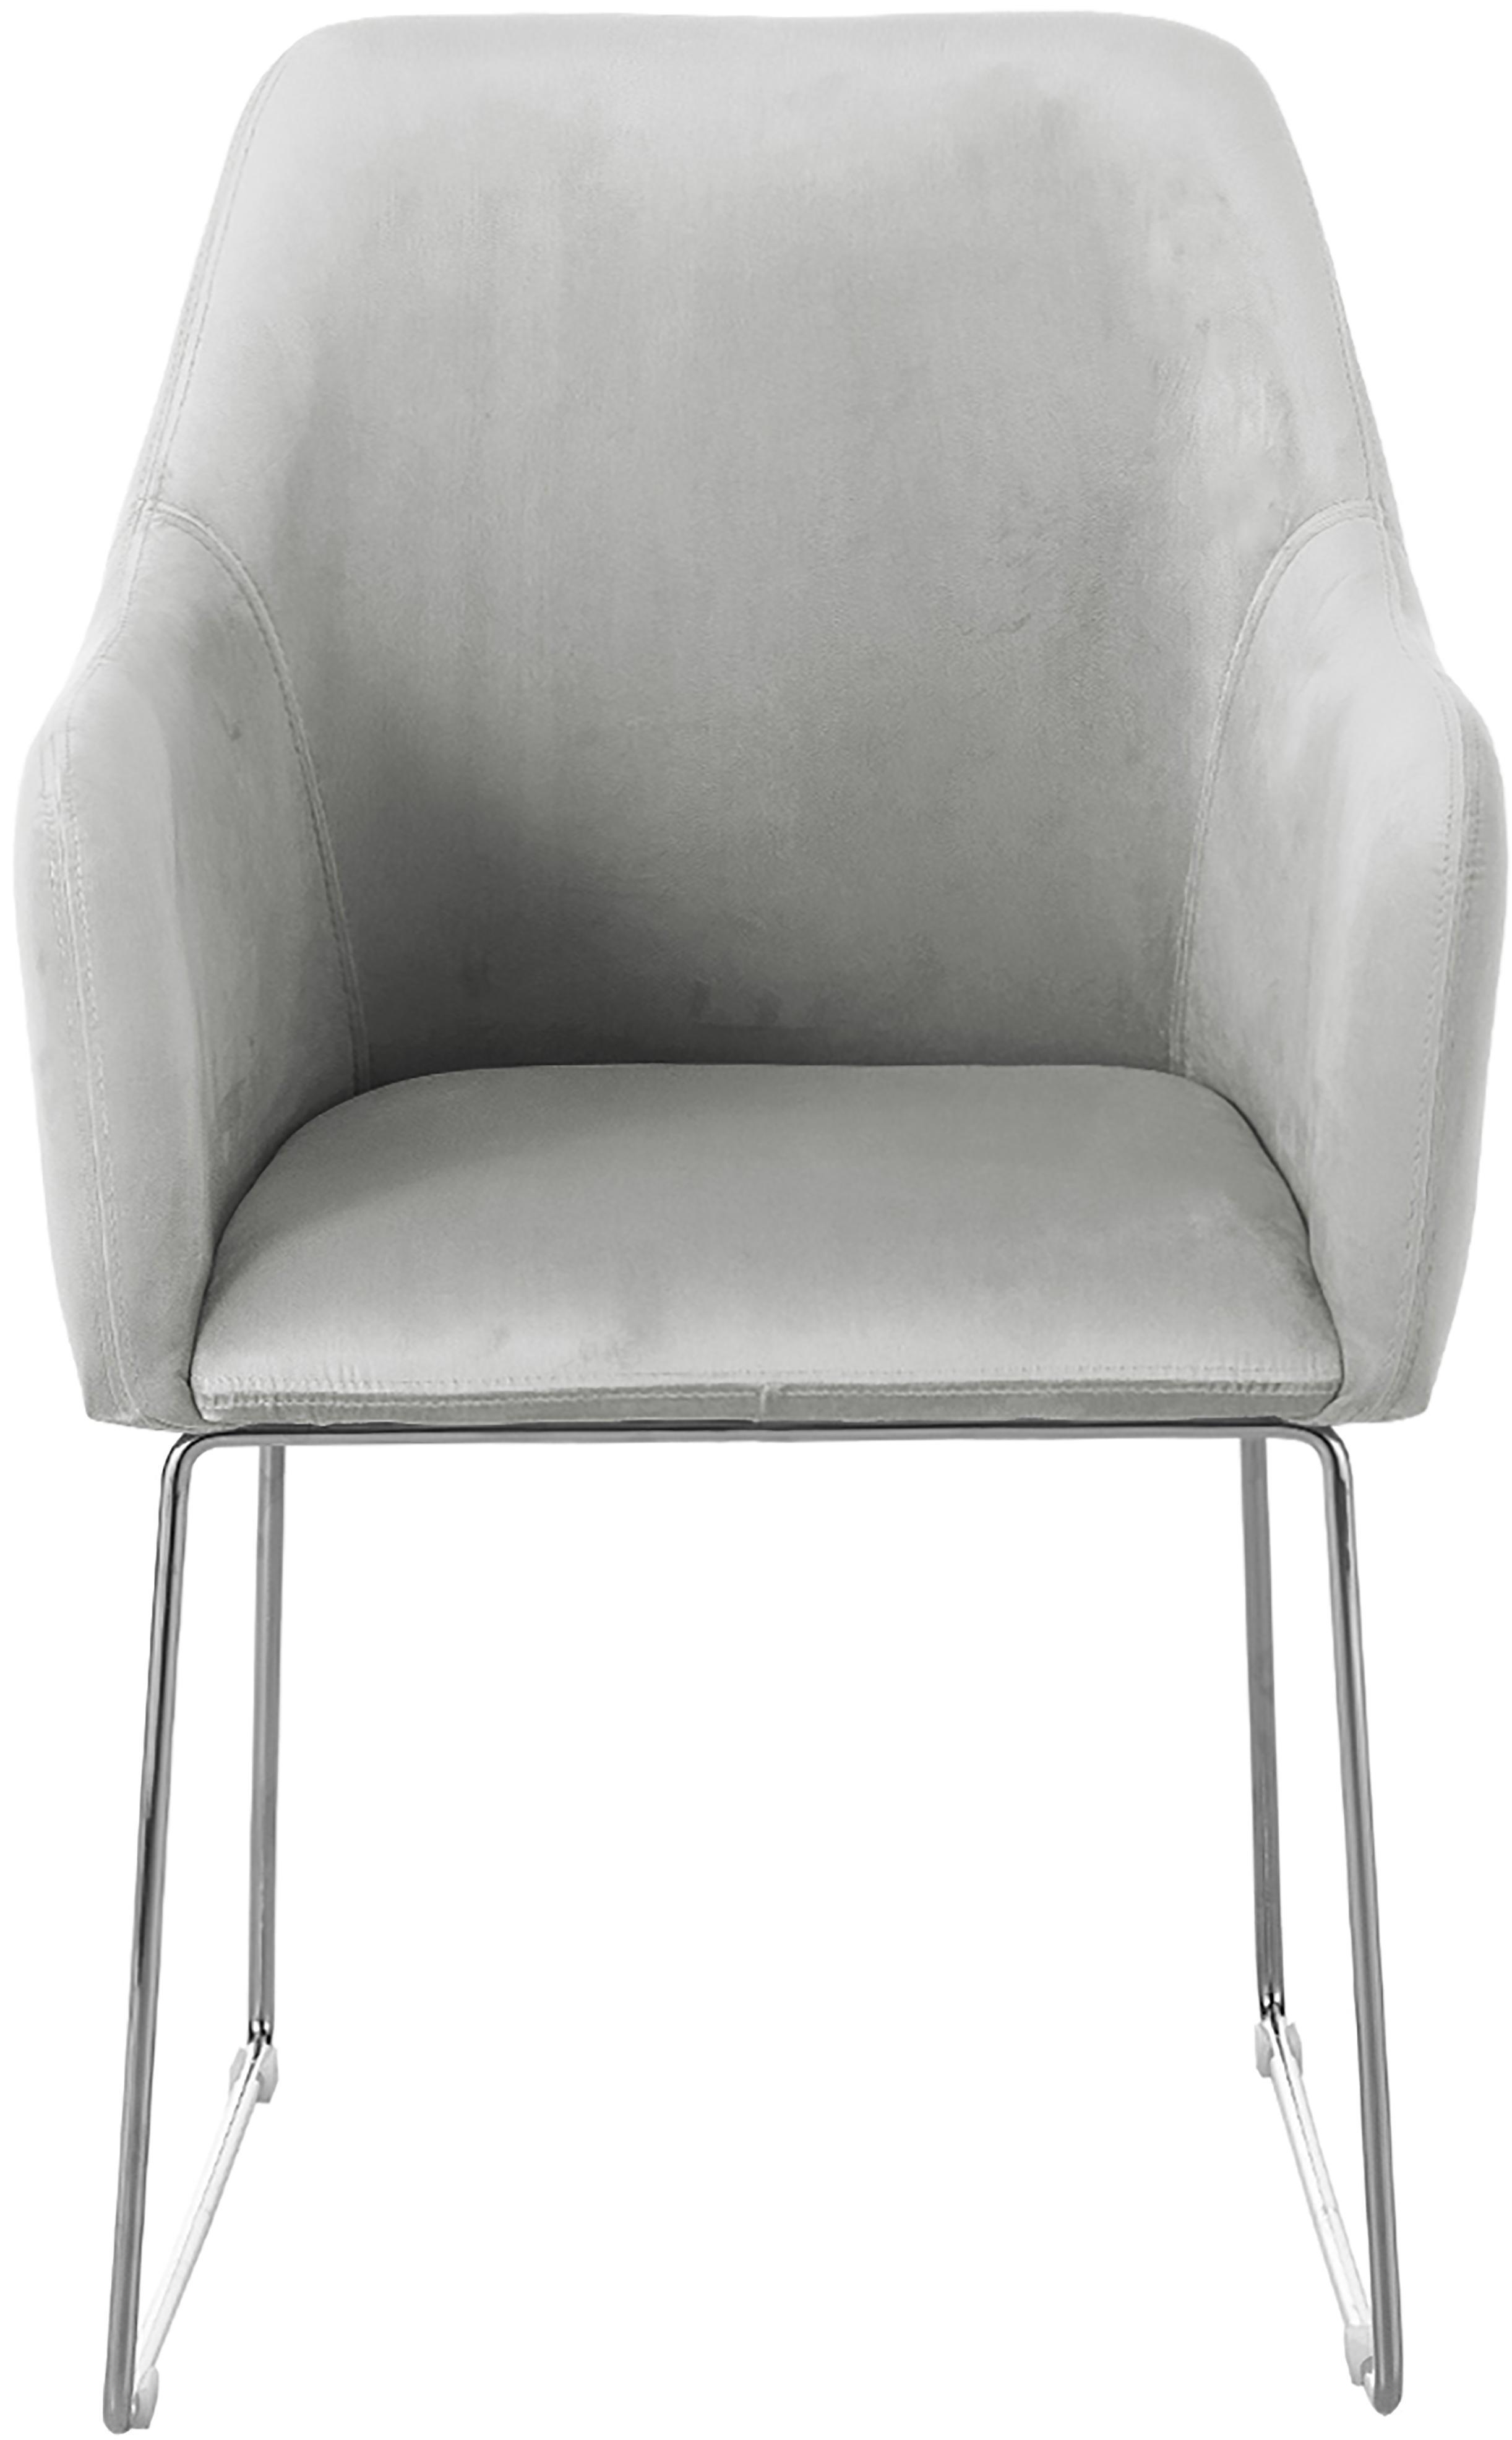 Fluwelen armstoel Isla, Bekleding: fluweel (polyester), Poten: gecoat metaal, Fluweel lichtgrijs, poten zilverkleurig, B 58 x D 62 cm